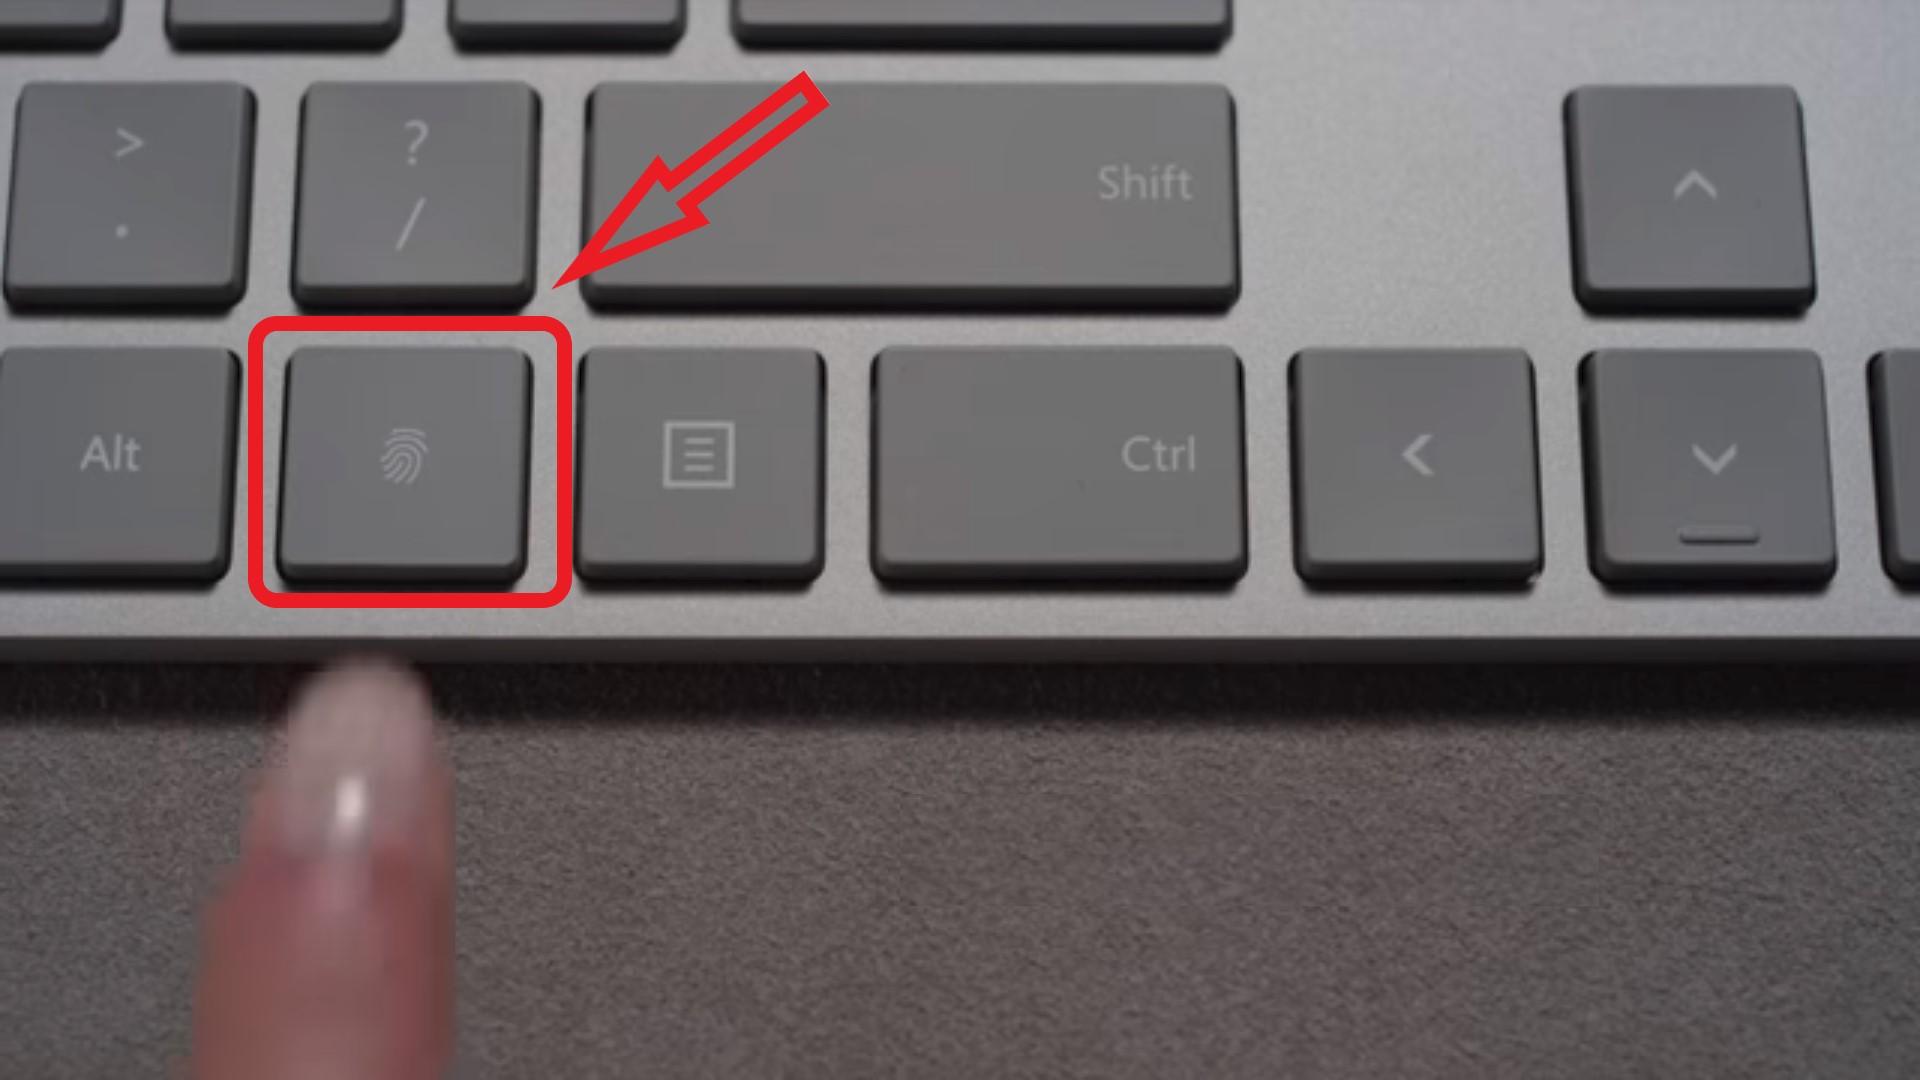 биометрический сканер в сочетании с клавиатурой